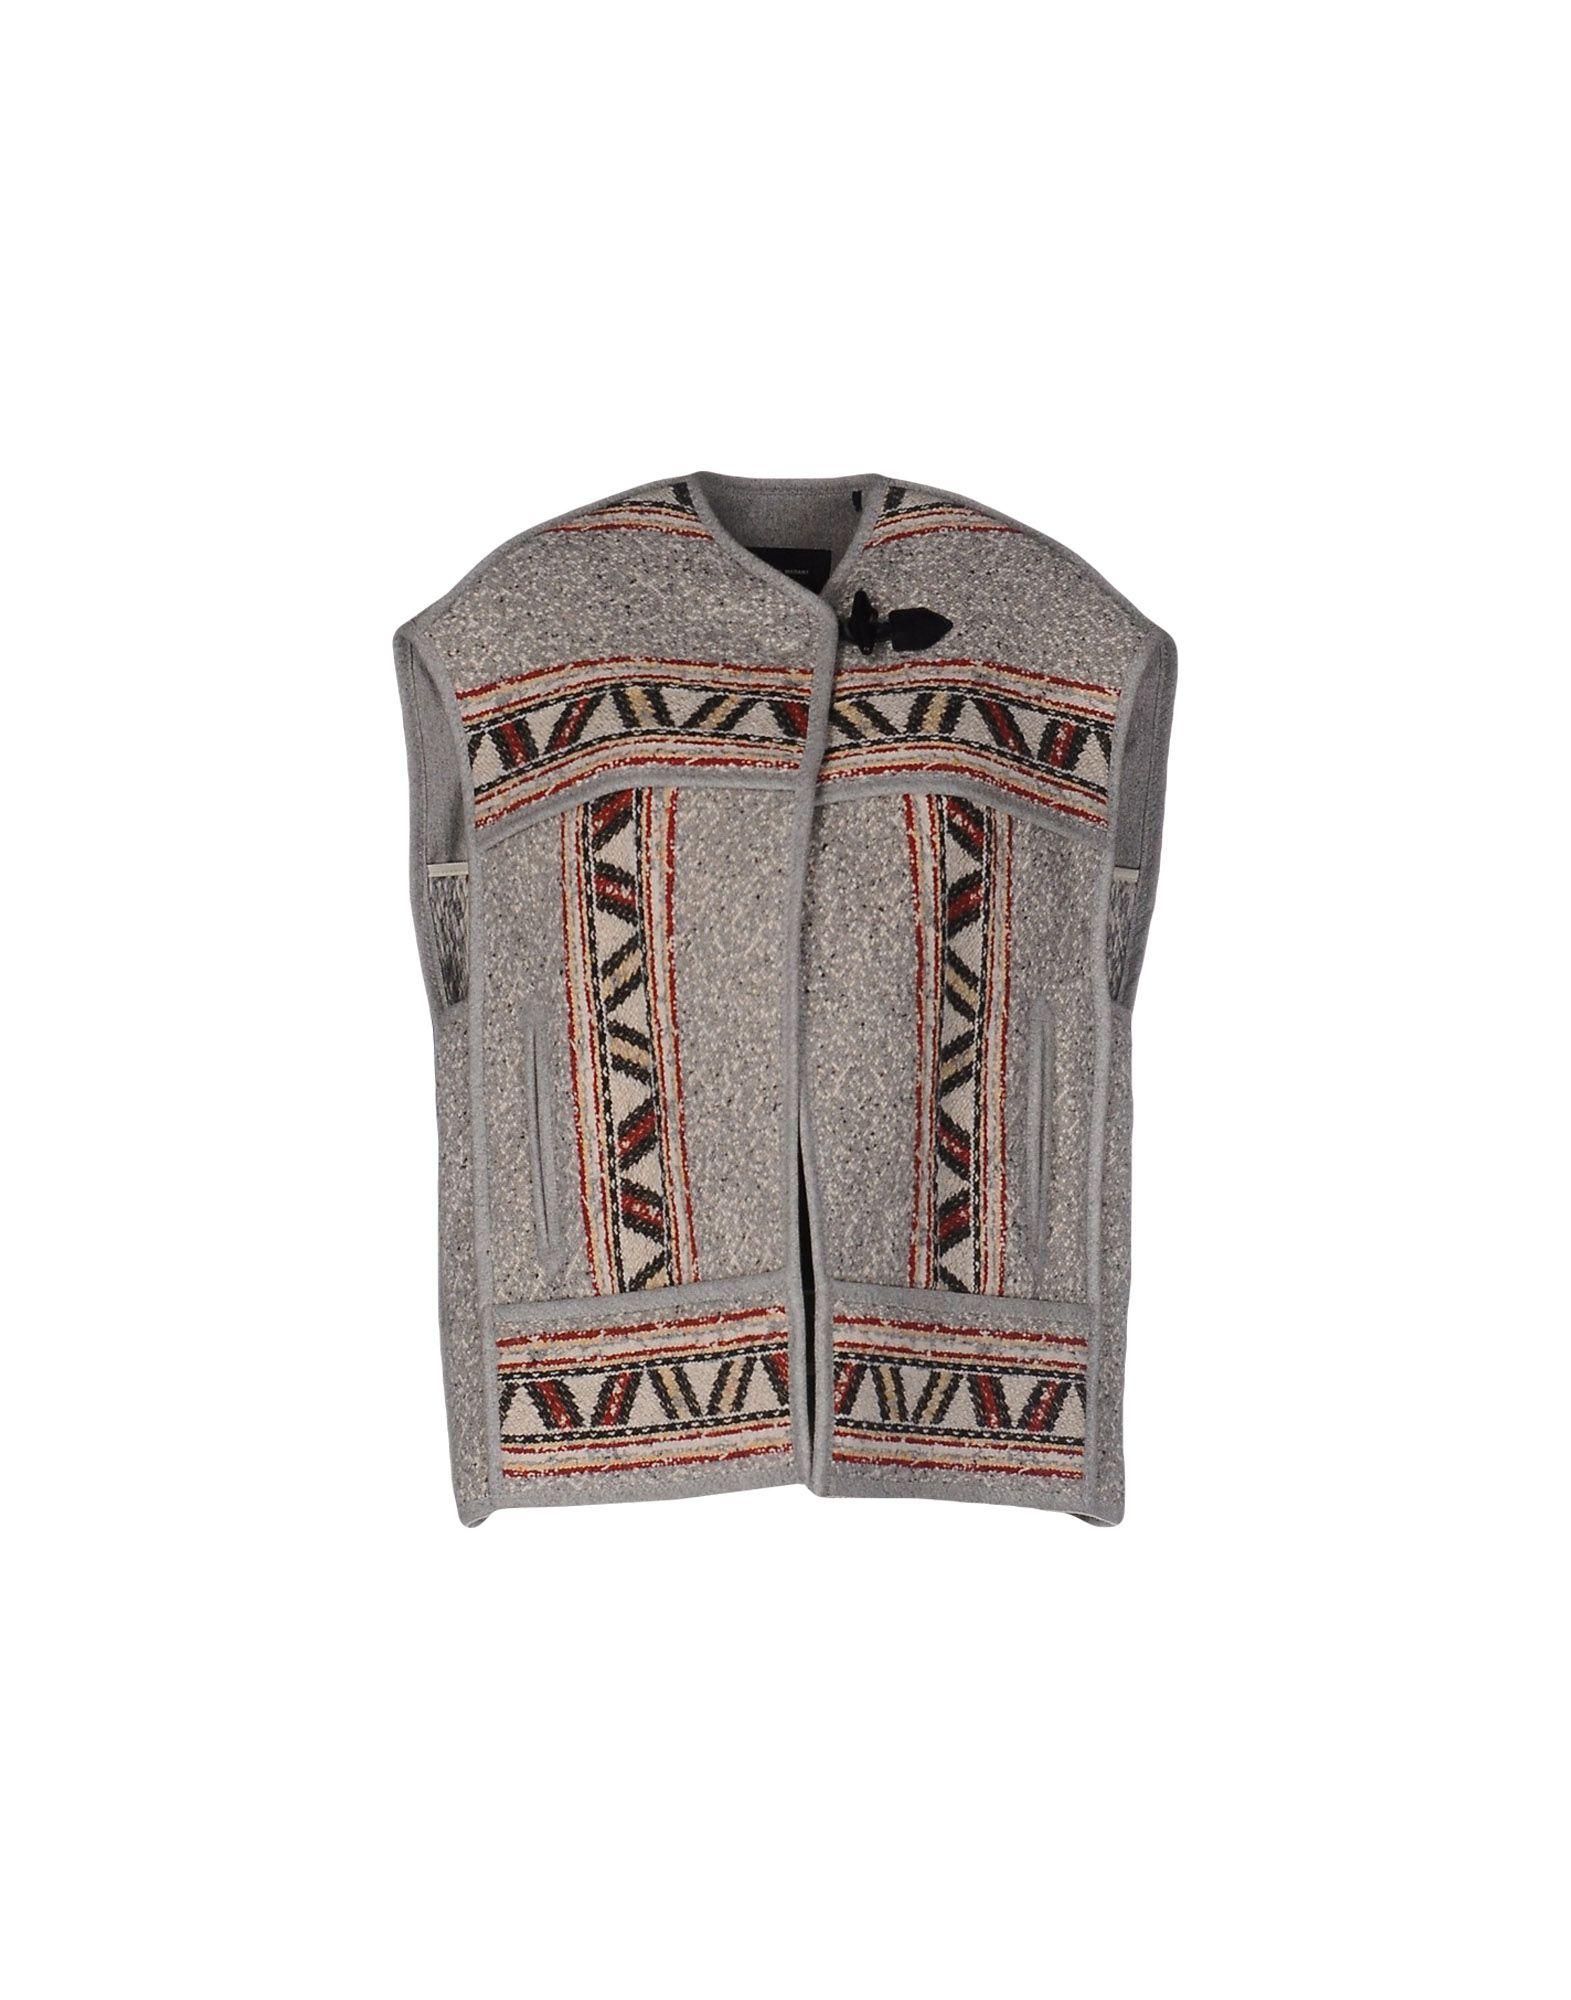 ISABEL MARANT Куртка новая весна зима твердые женщины плюс размер тонкий жилет женщин parkas хлопок куртка без рукавов с капюшоном повседневная куртка colete